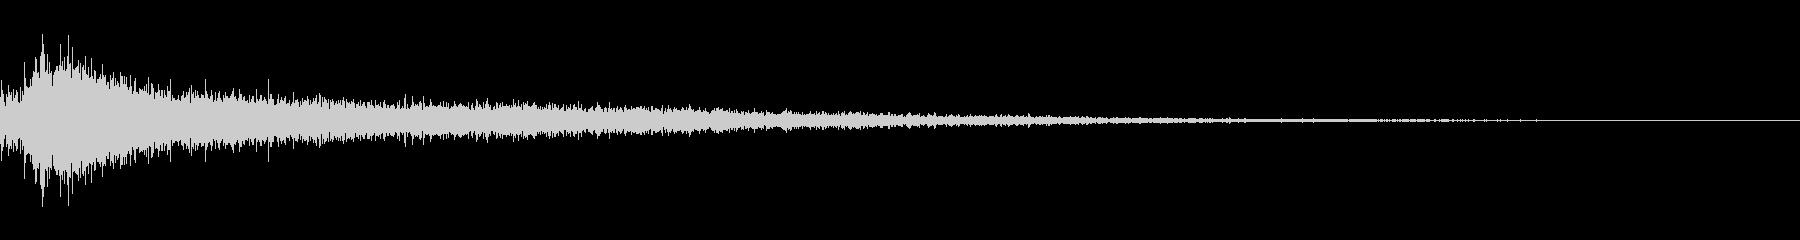 複合共鳴金属ヒットの未再生の波形